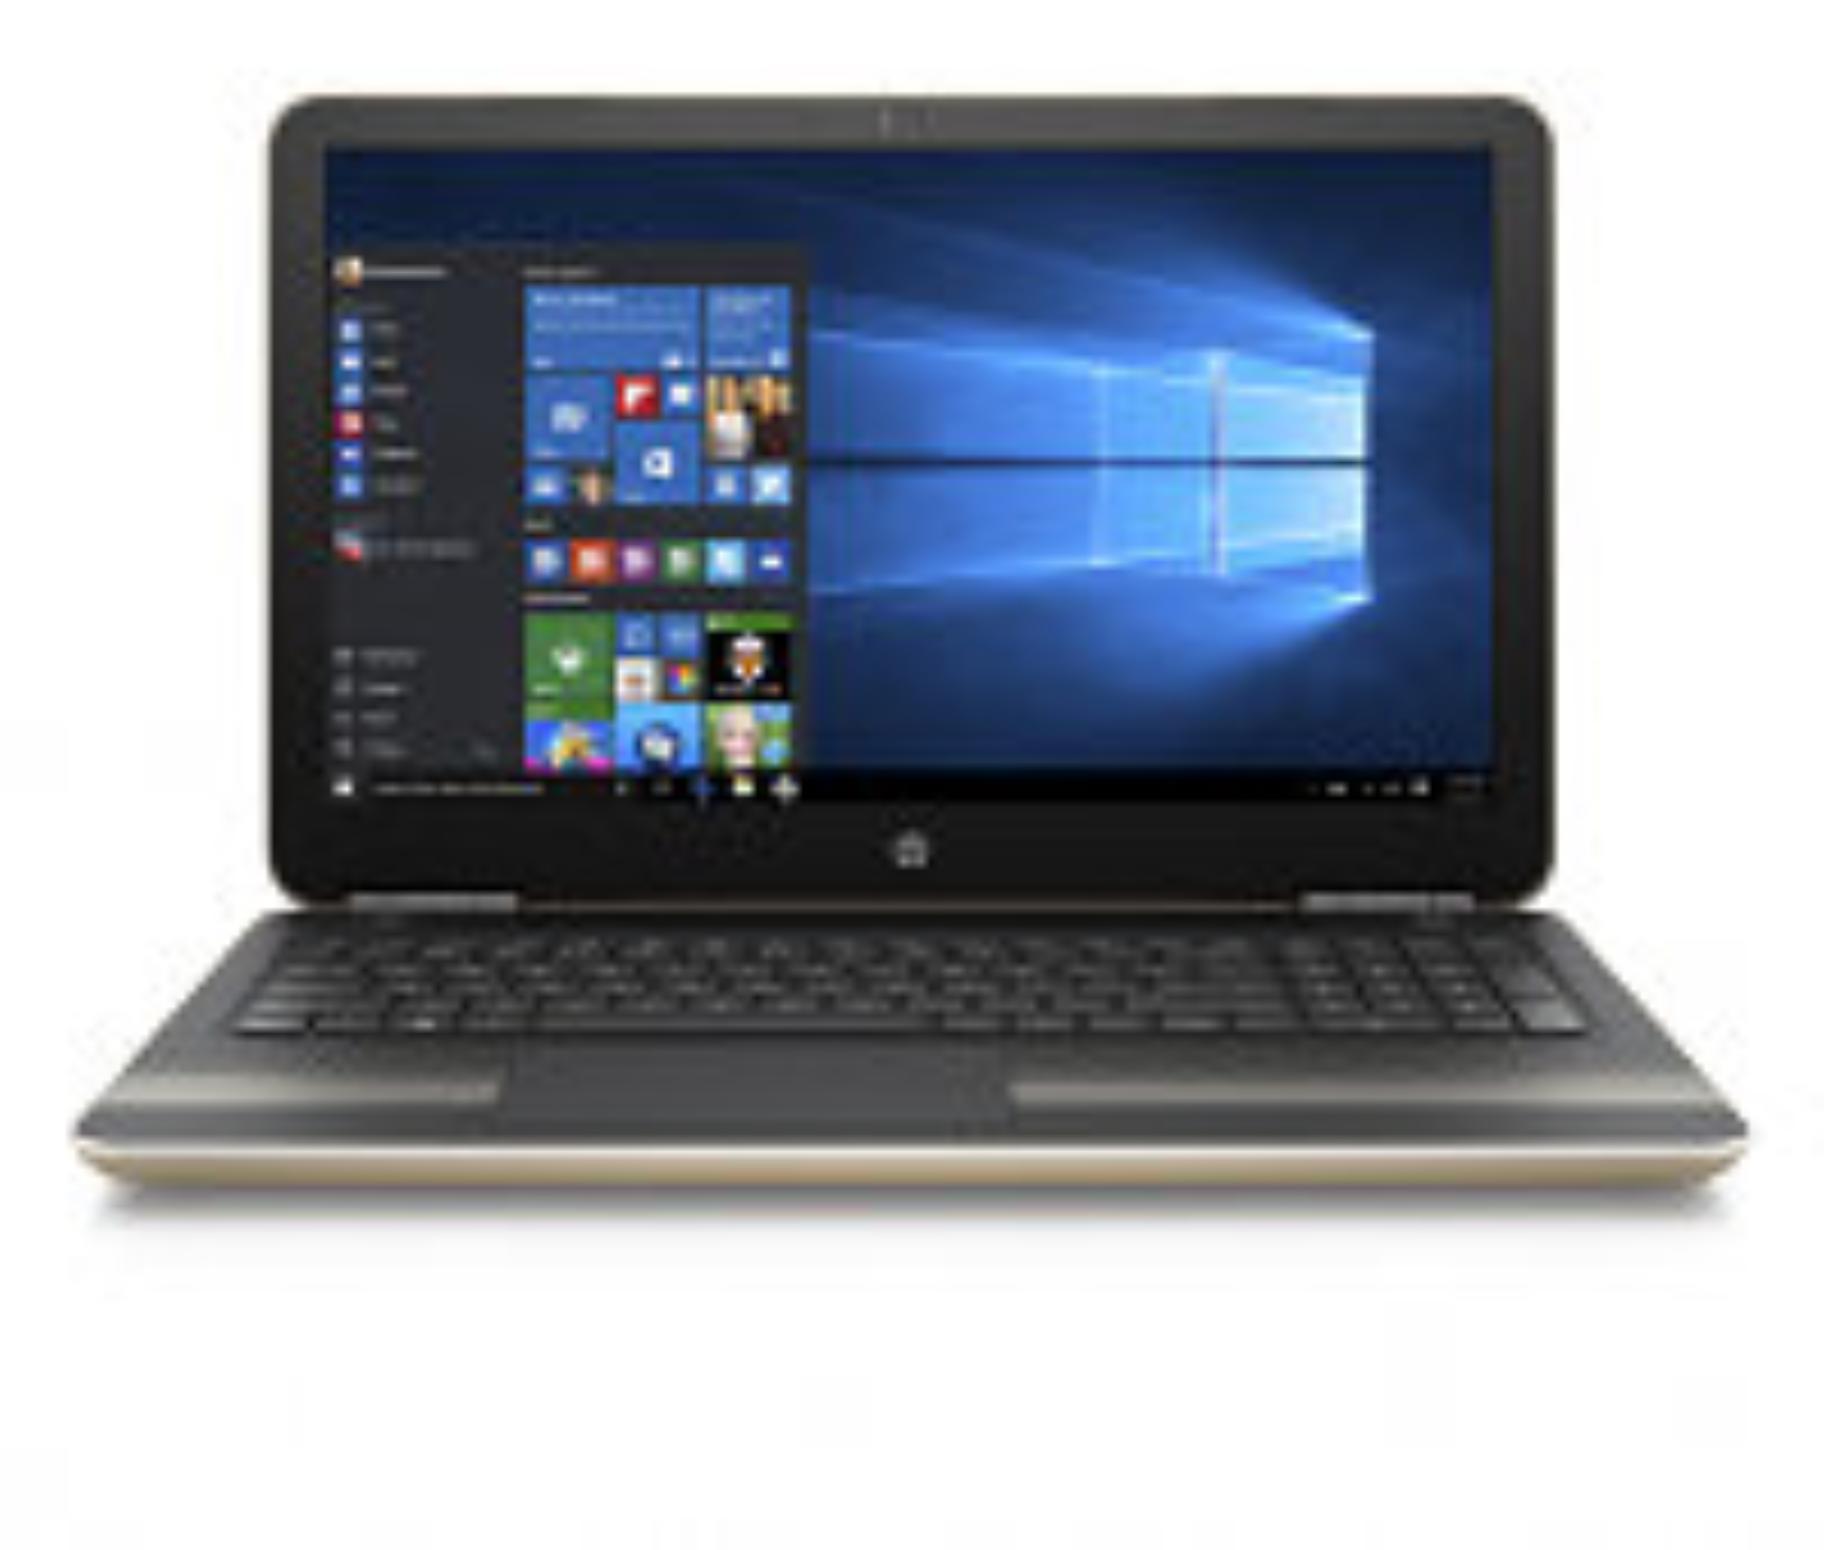 HP Pavilion 15-aw019nc/AMD A10-9600/8GB/256GB SSD M.2/DVDRW/AMD R7 M440 2GB/15,6 FHD/Win 10/zlatá